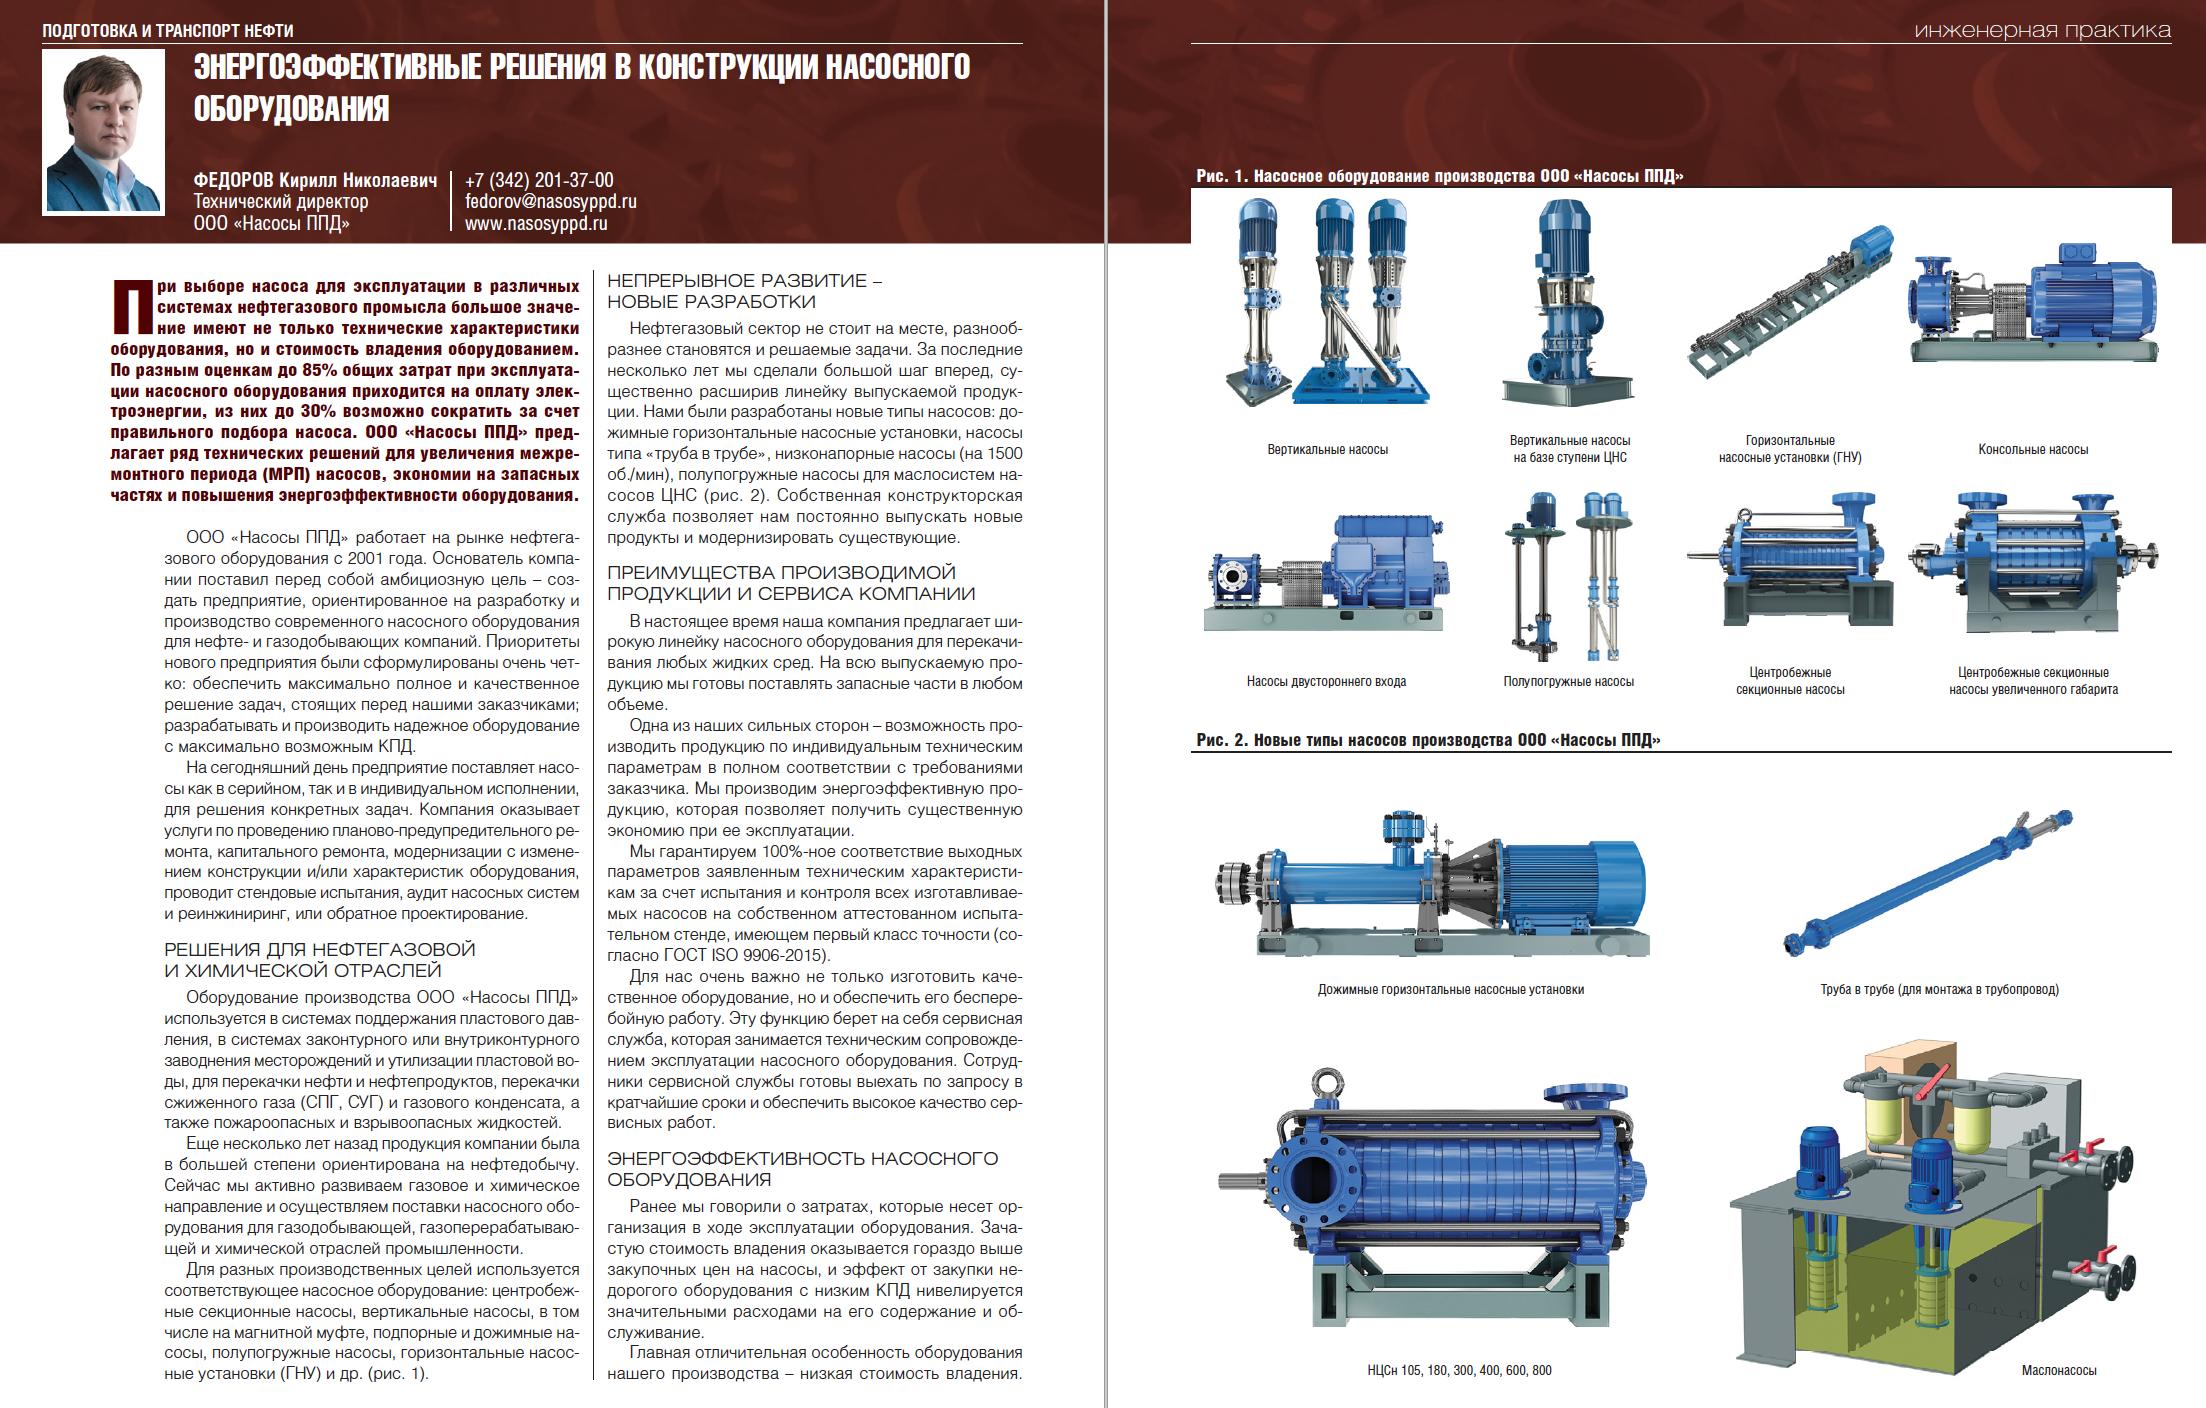 34524 Энергоэффективные решения в конструкции насосного оборудования